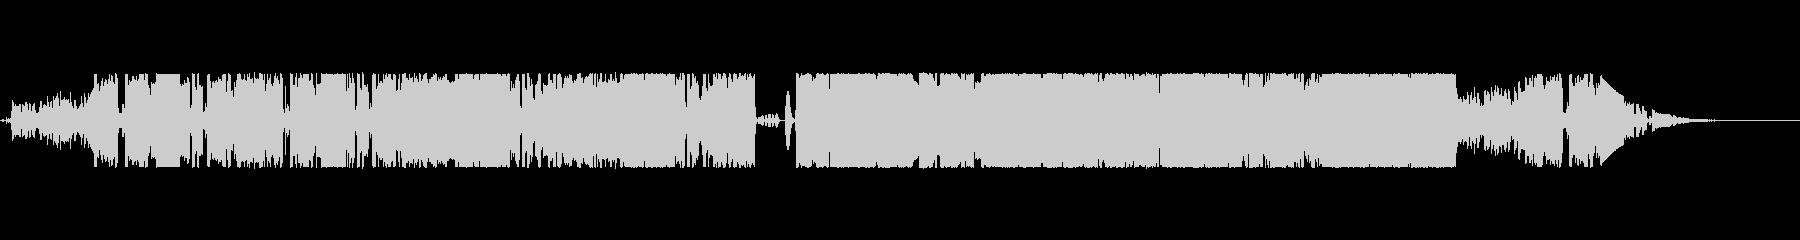 緊迫感とエキゾチックHIPHOPの未再生の波形